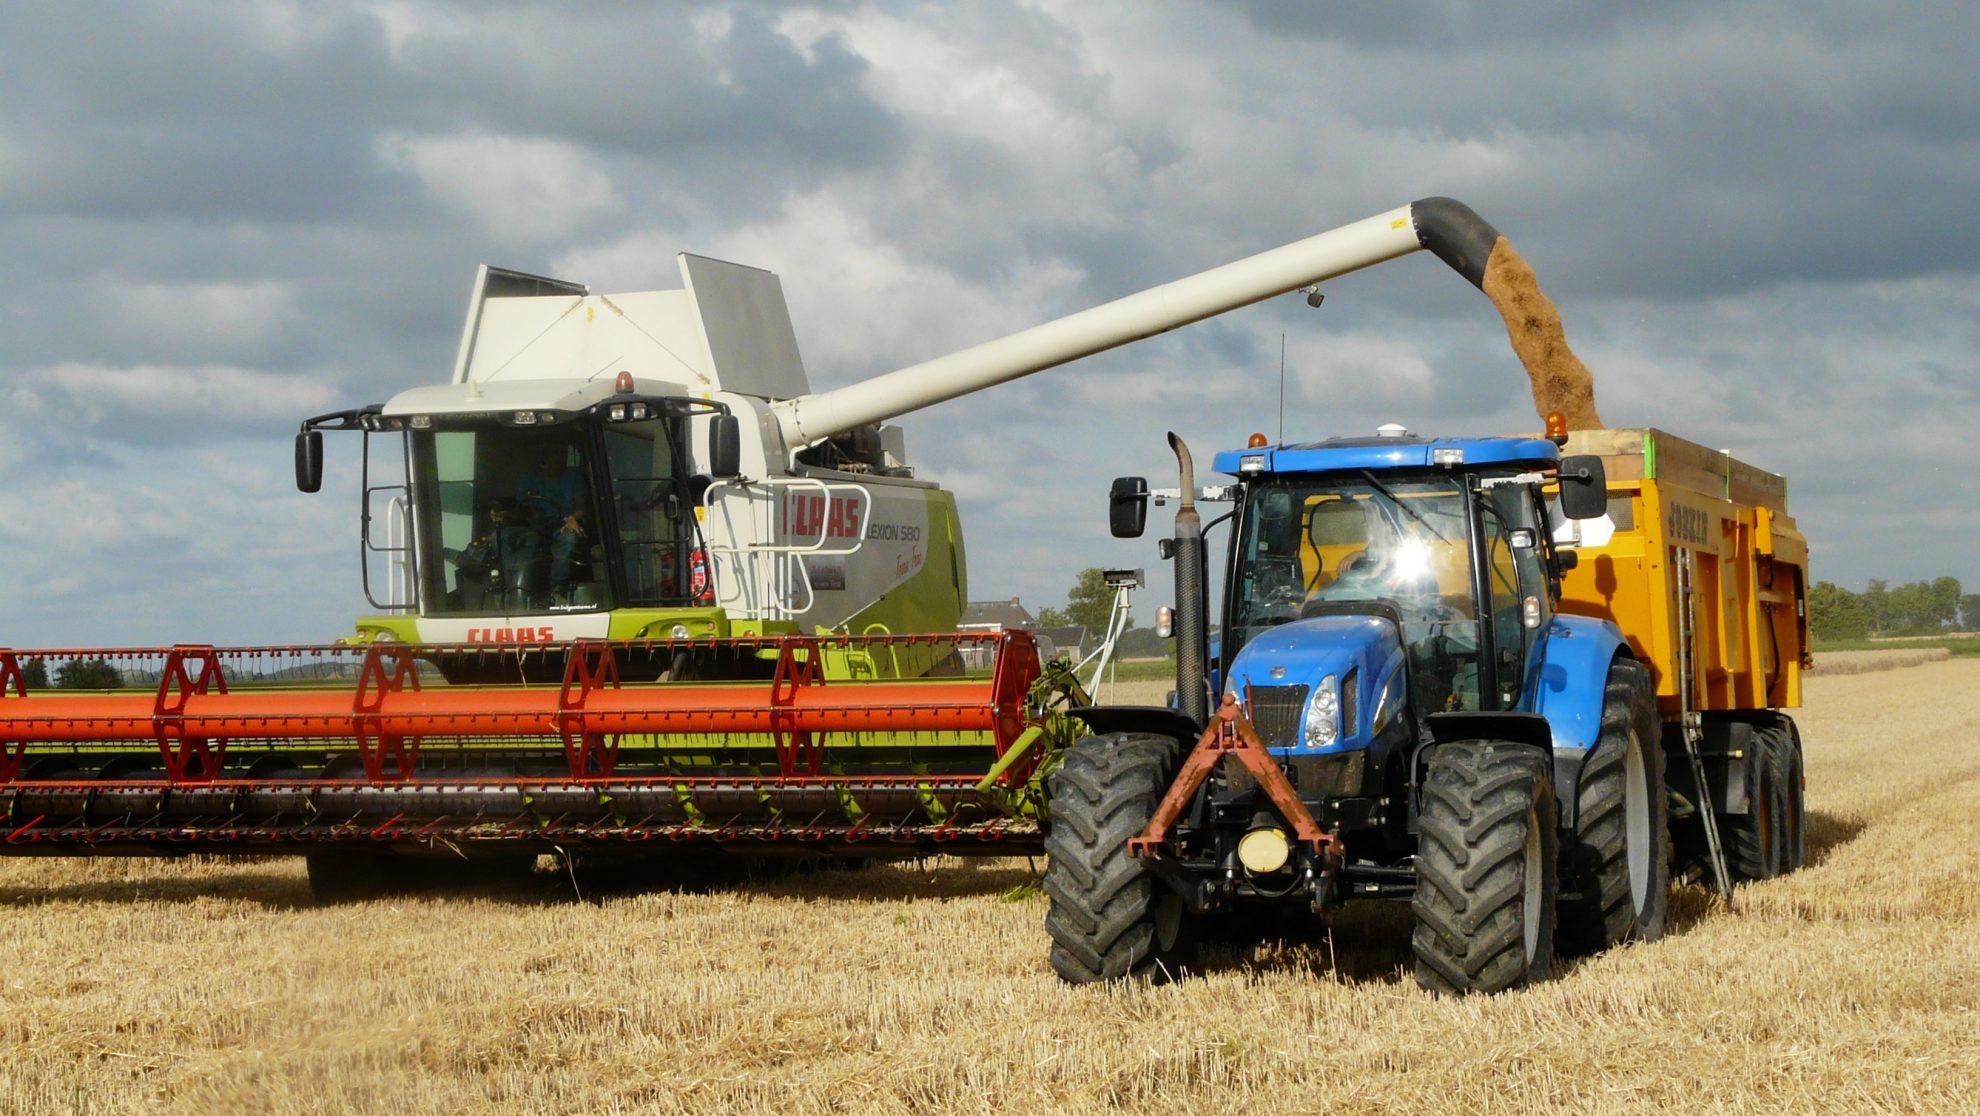 prekiauti žemės ūkio galimybėmis prekybos kilmės sistema